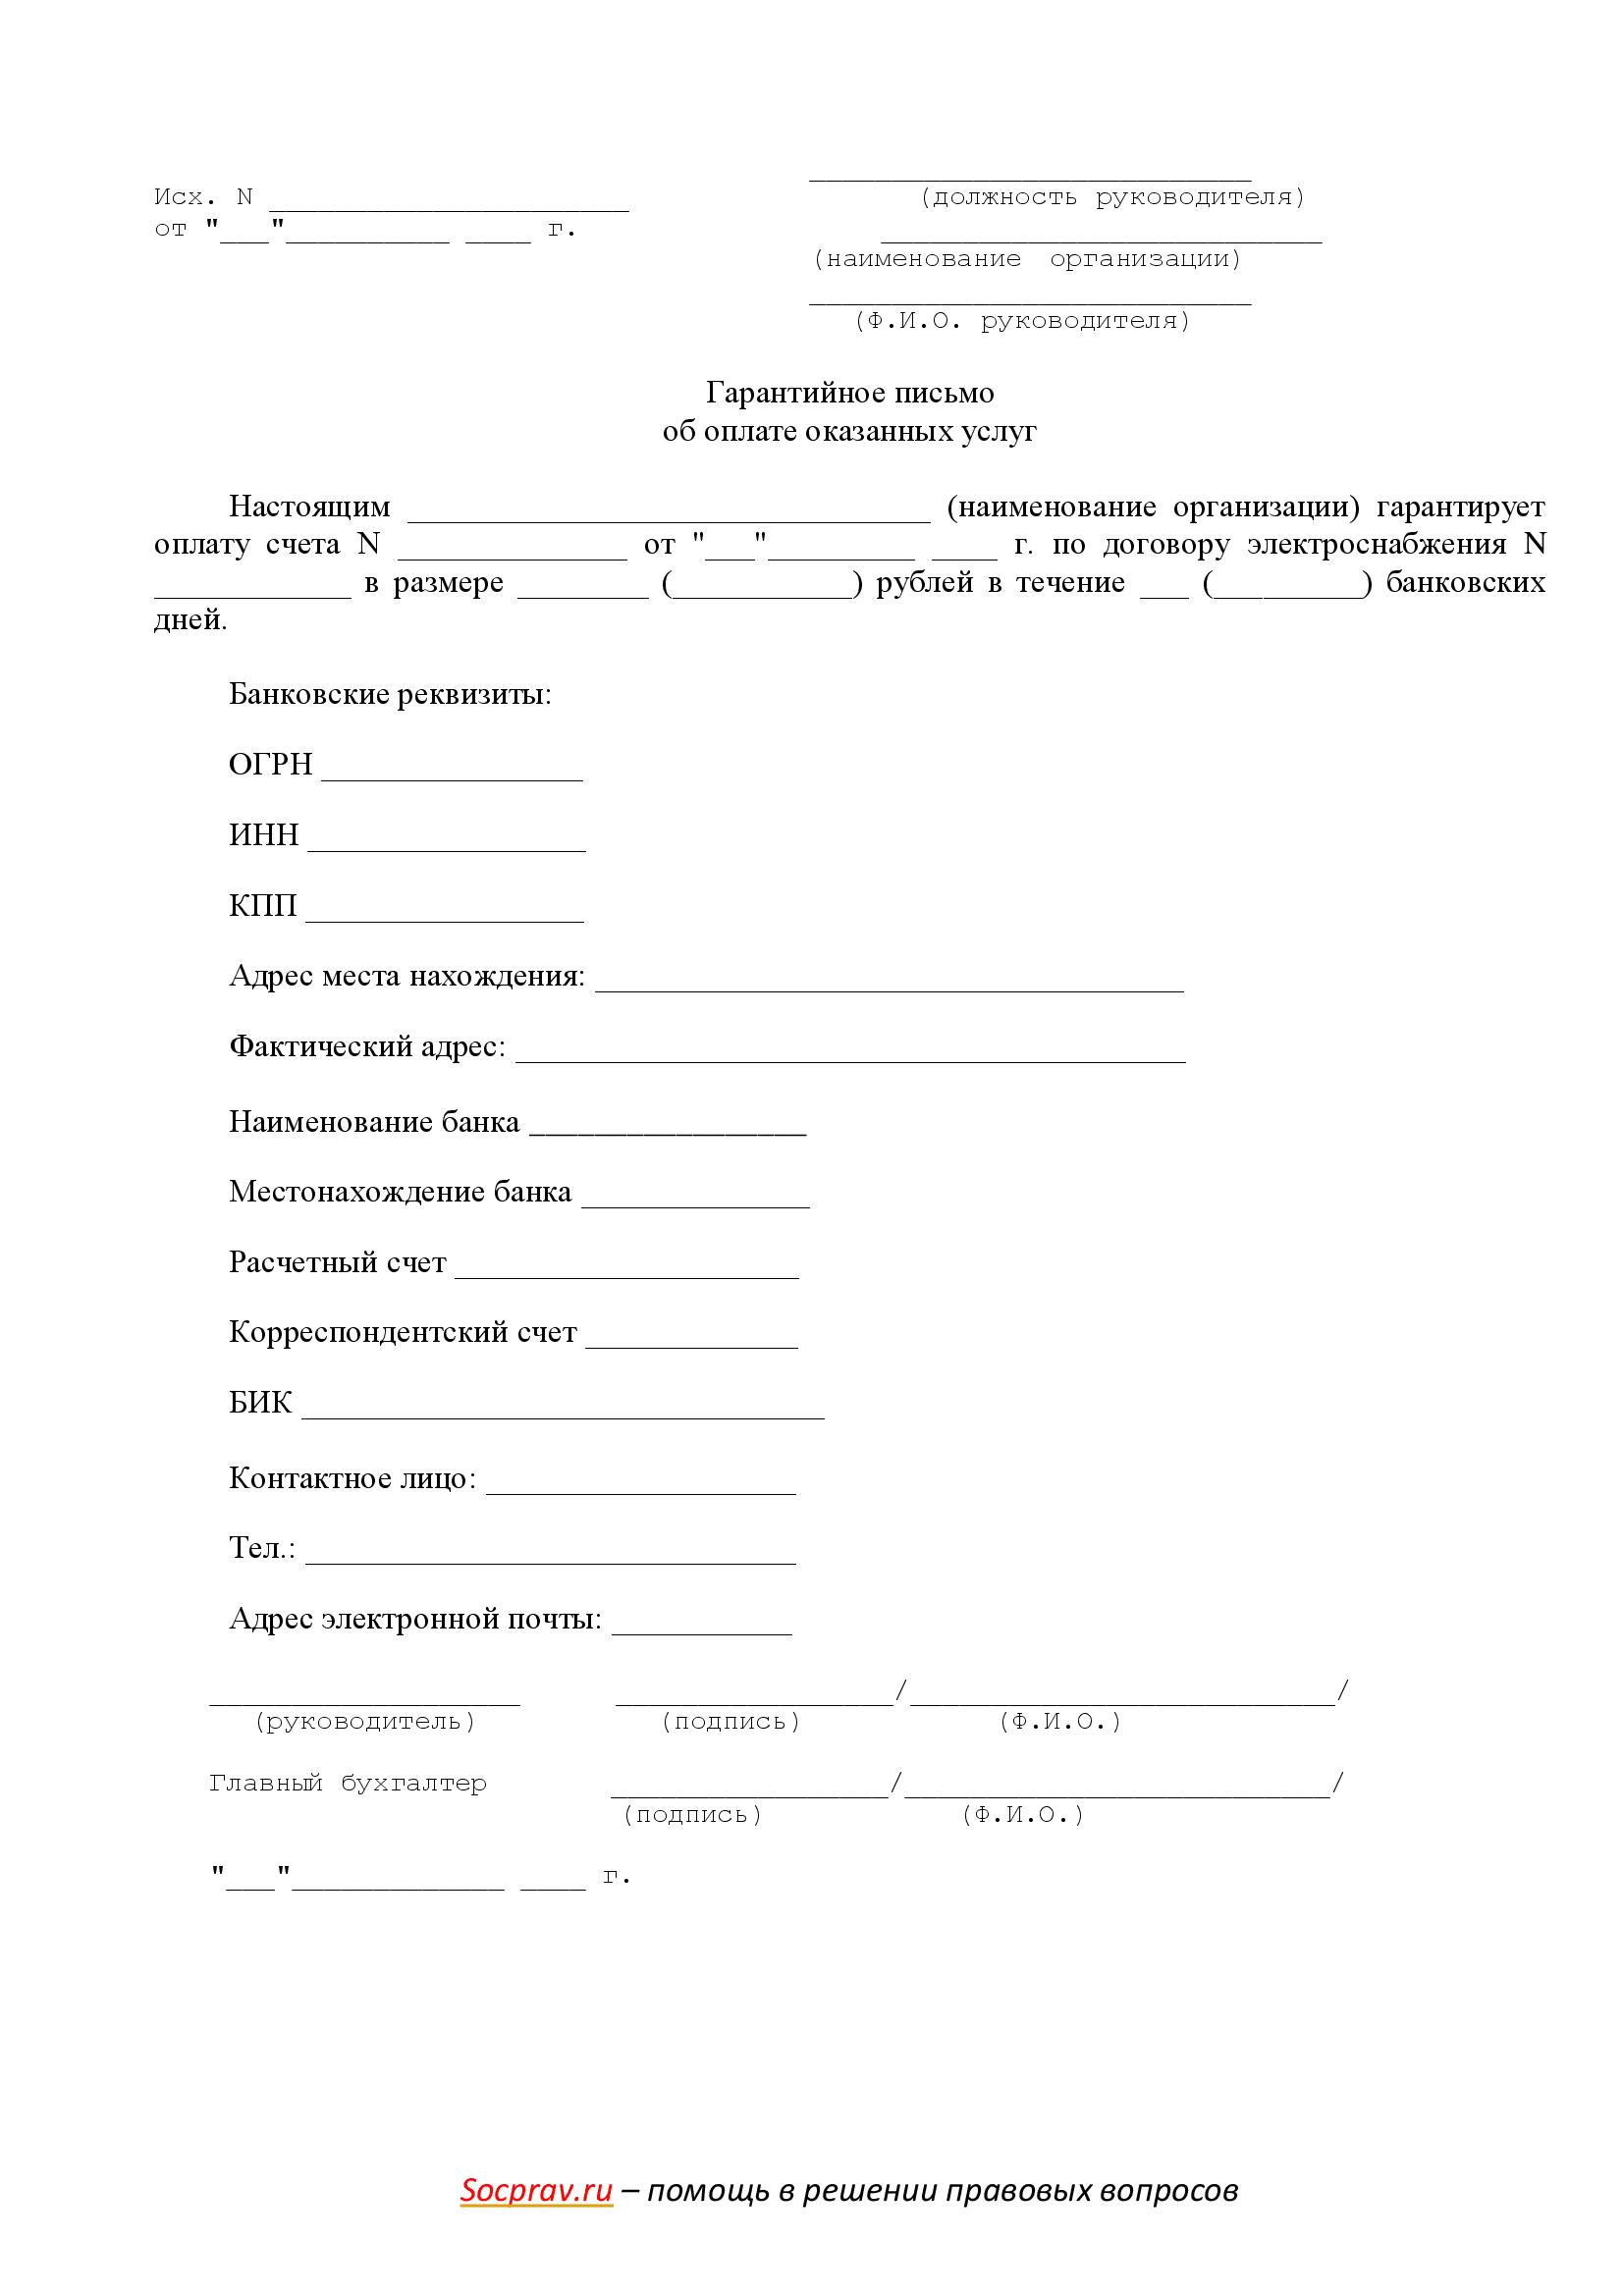 Гарантийное письмо об оплате задолженности